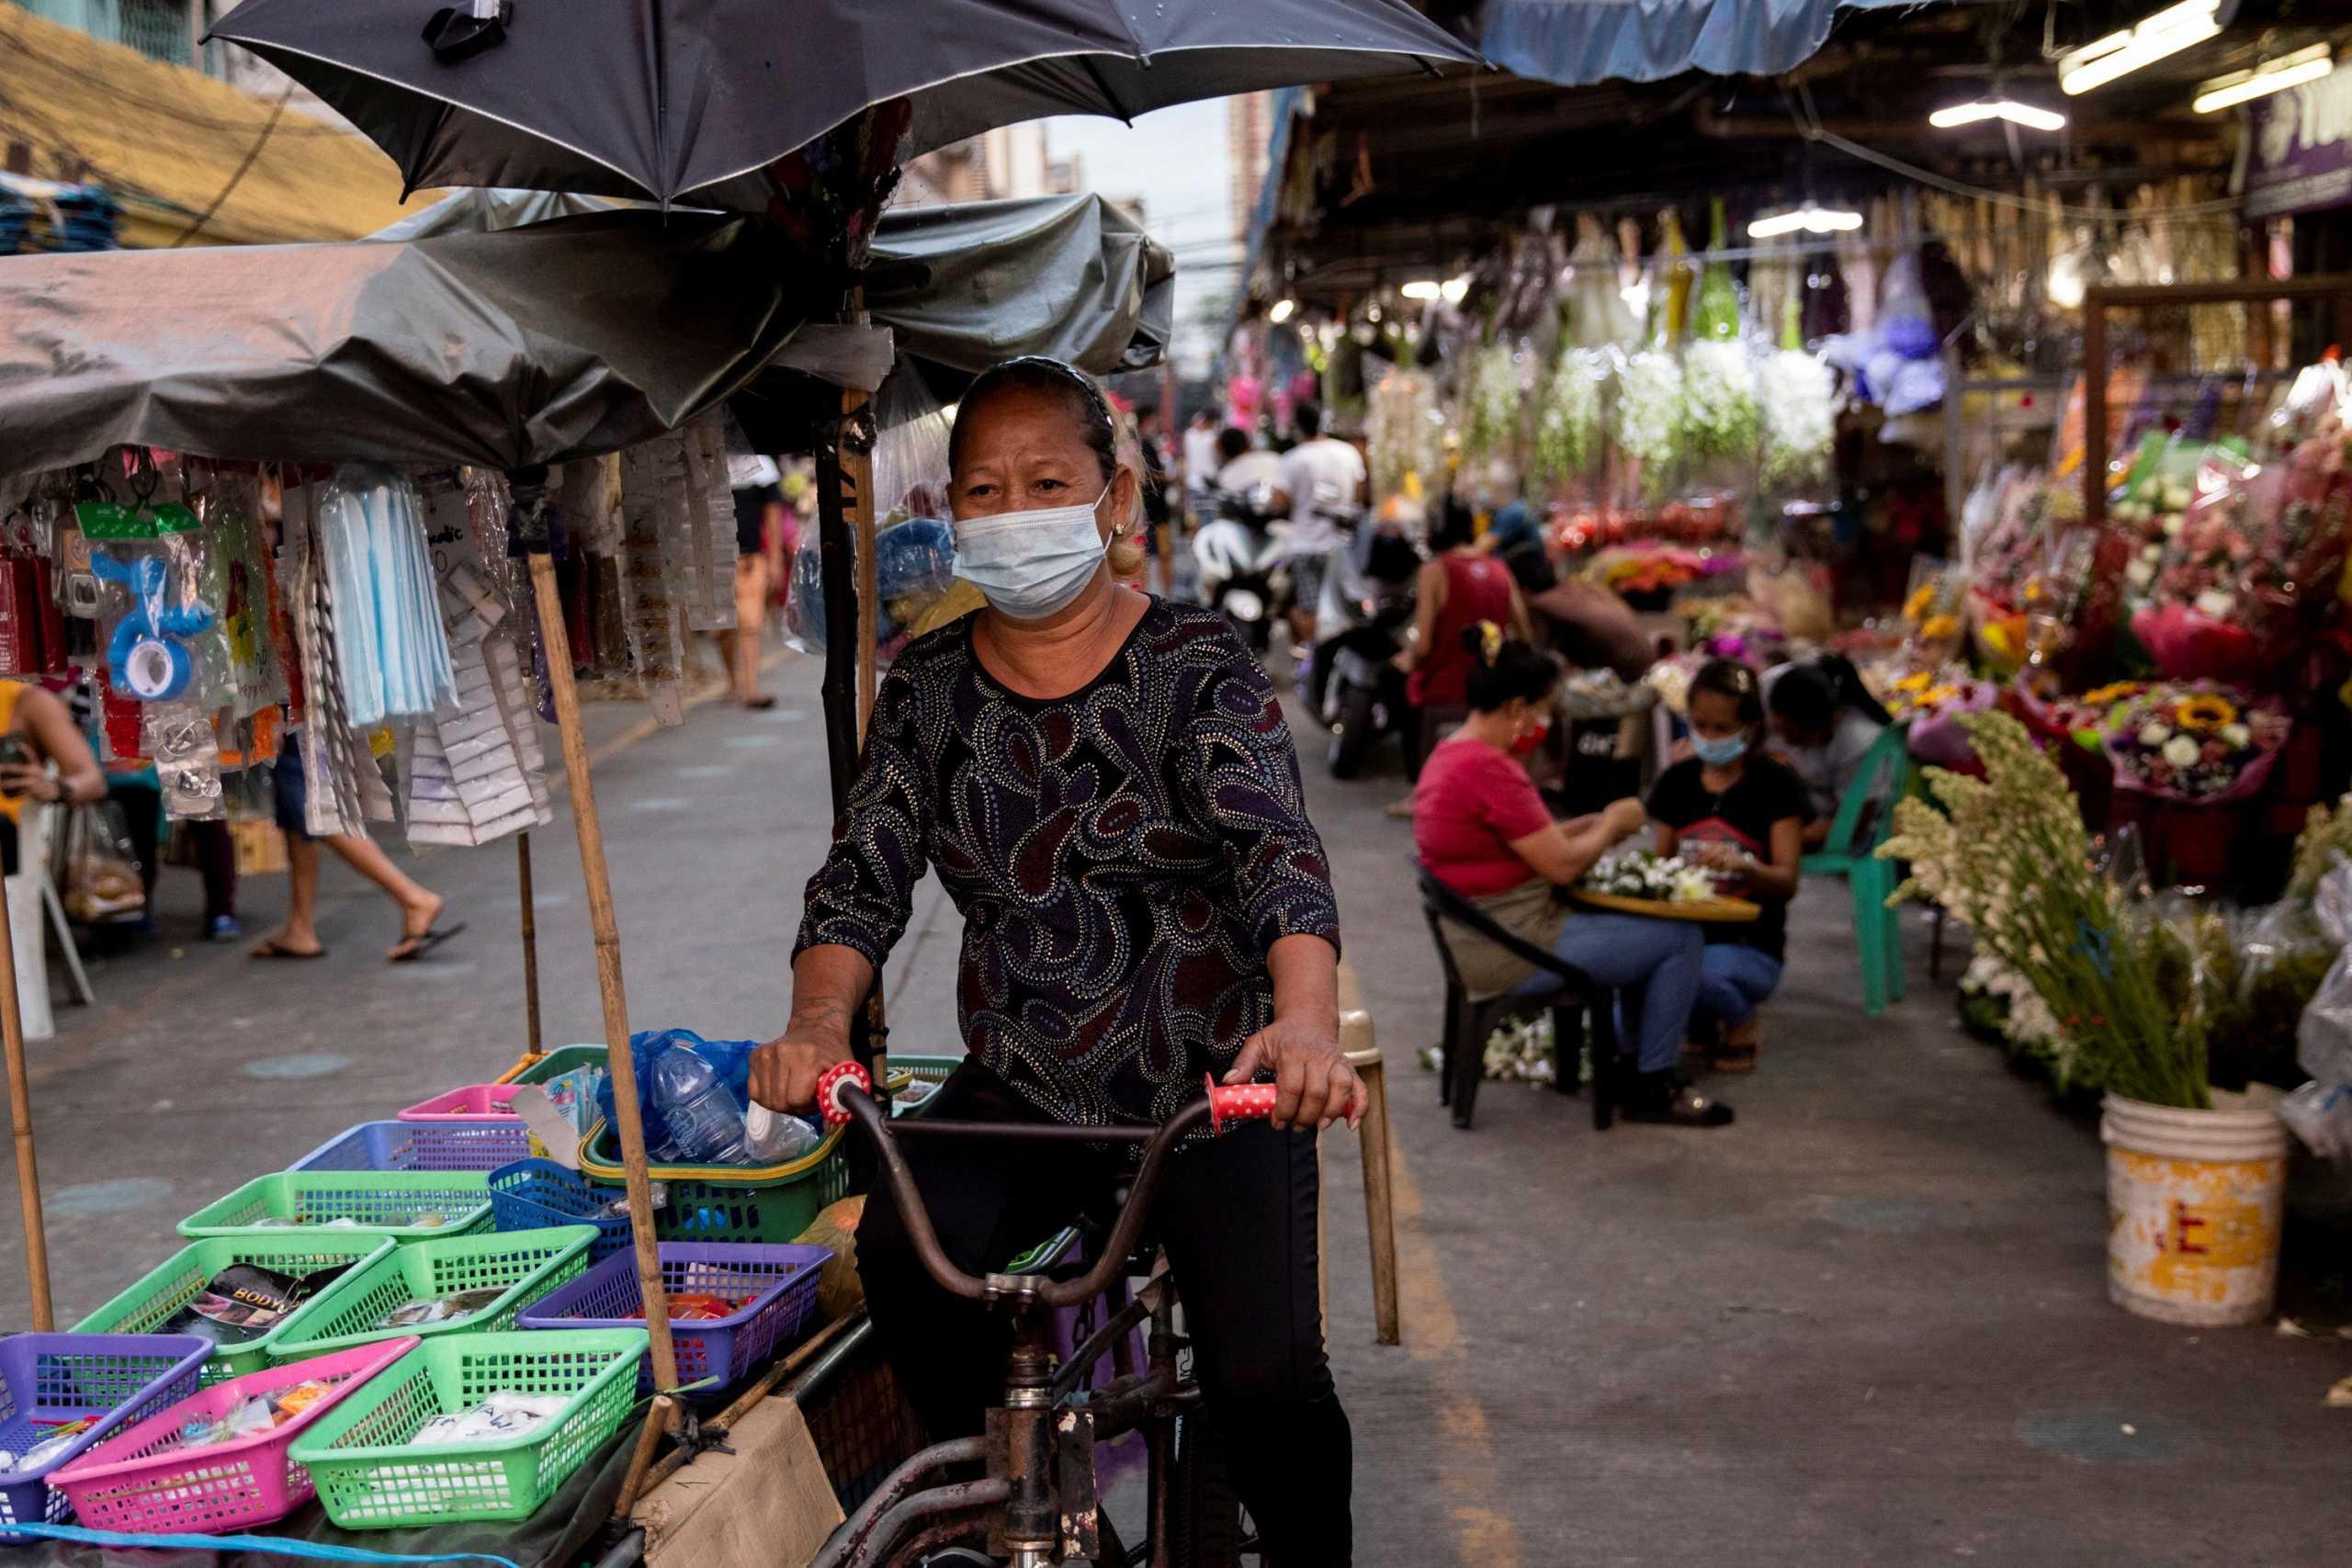 Κορονοϊός: Το βραζιλιάνικο παραλλαγμένο στέλεχος χτύπησε και τις Φιλιππίνες